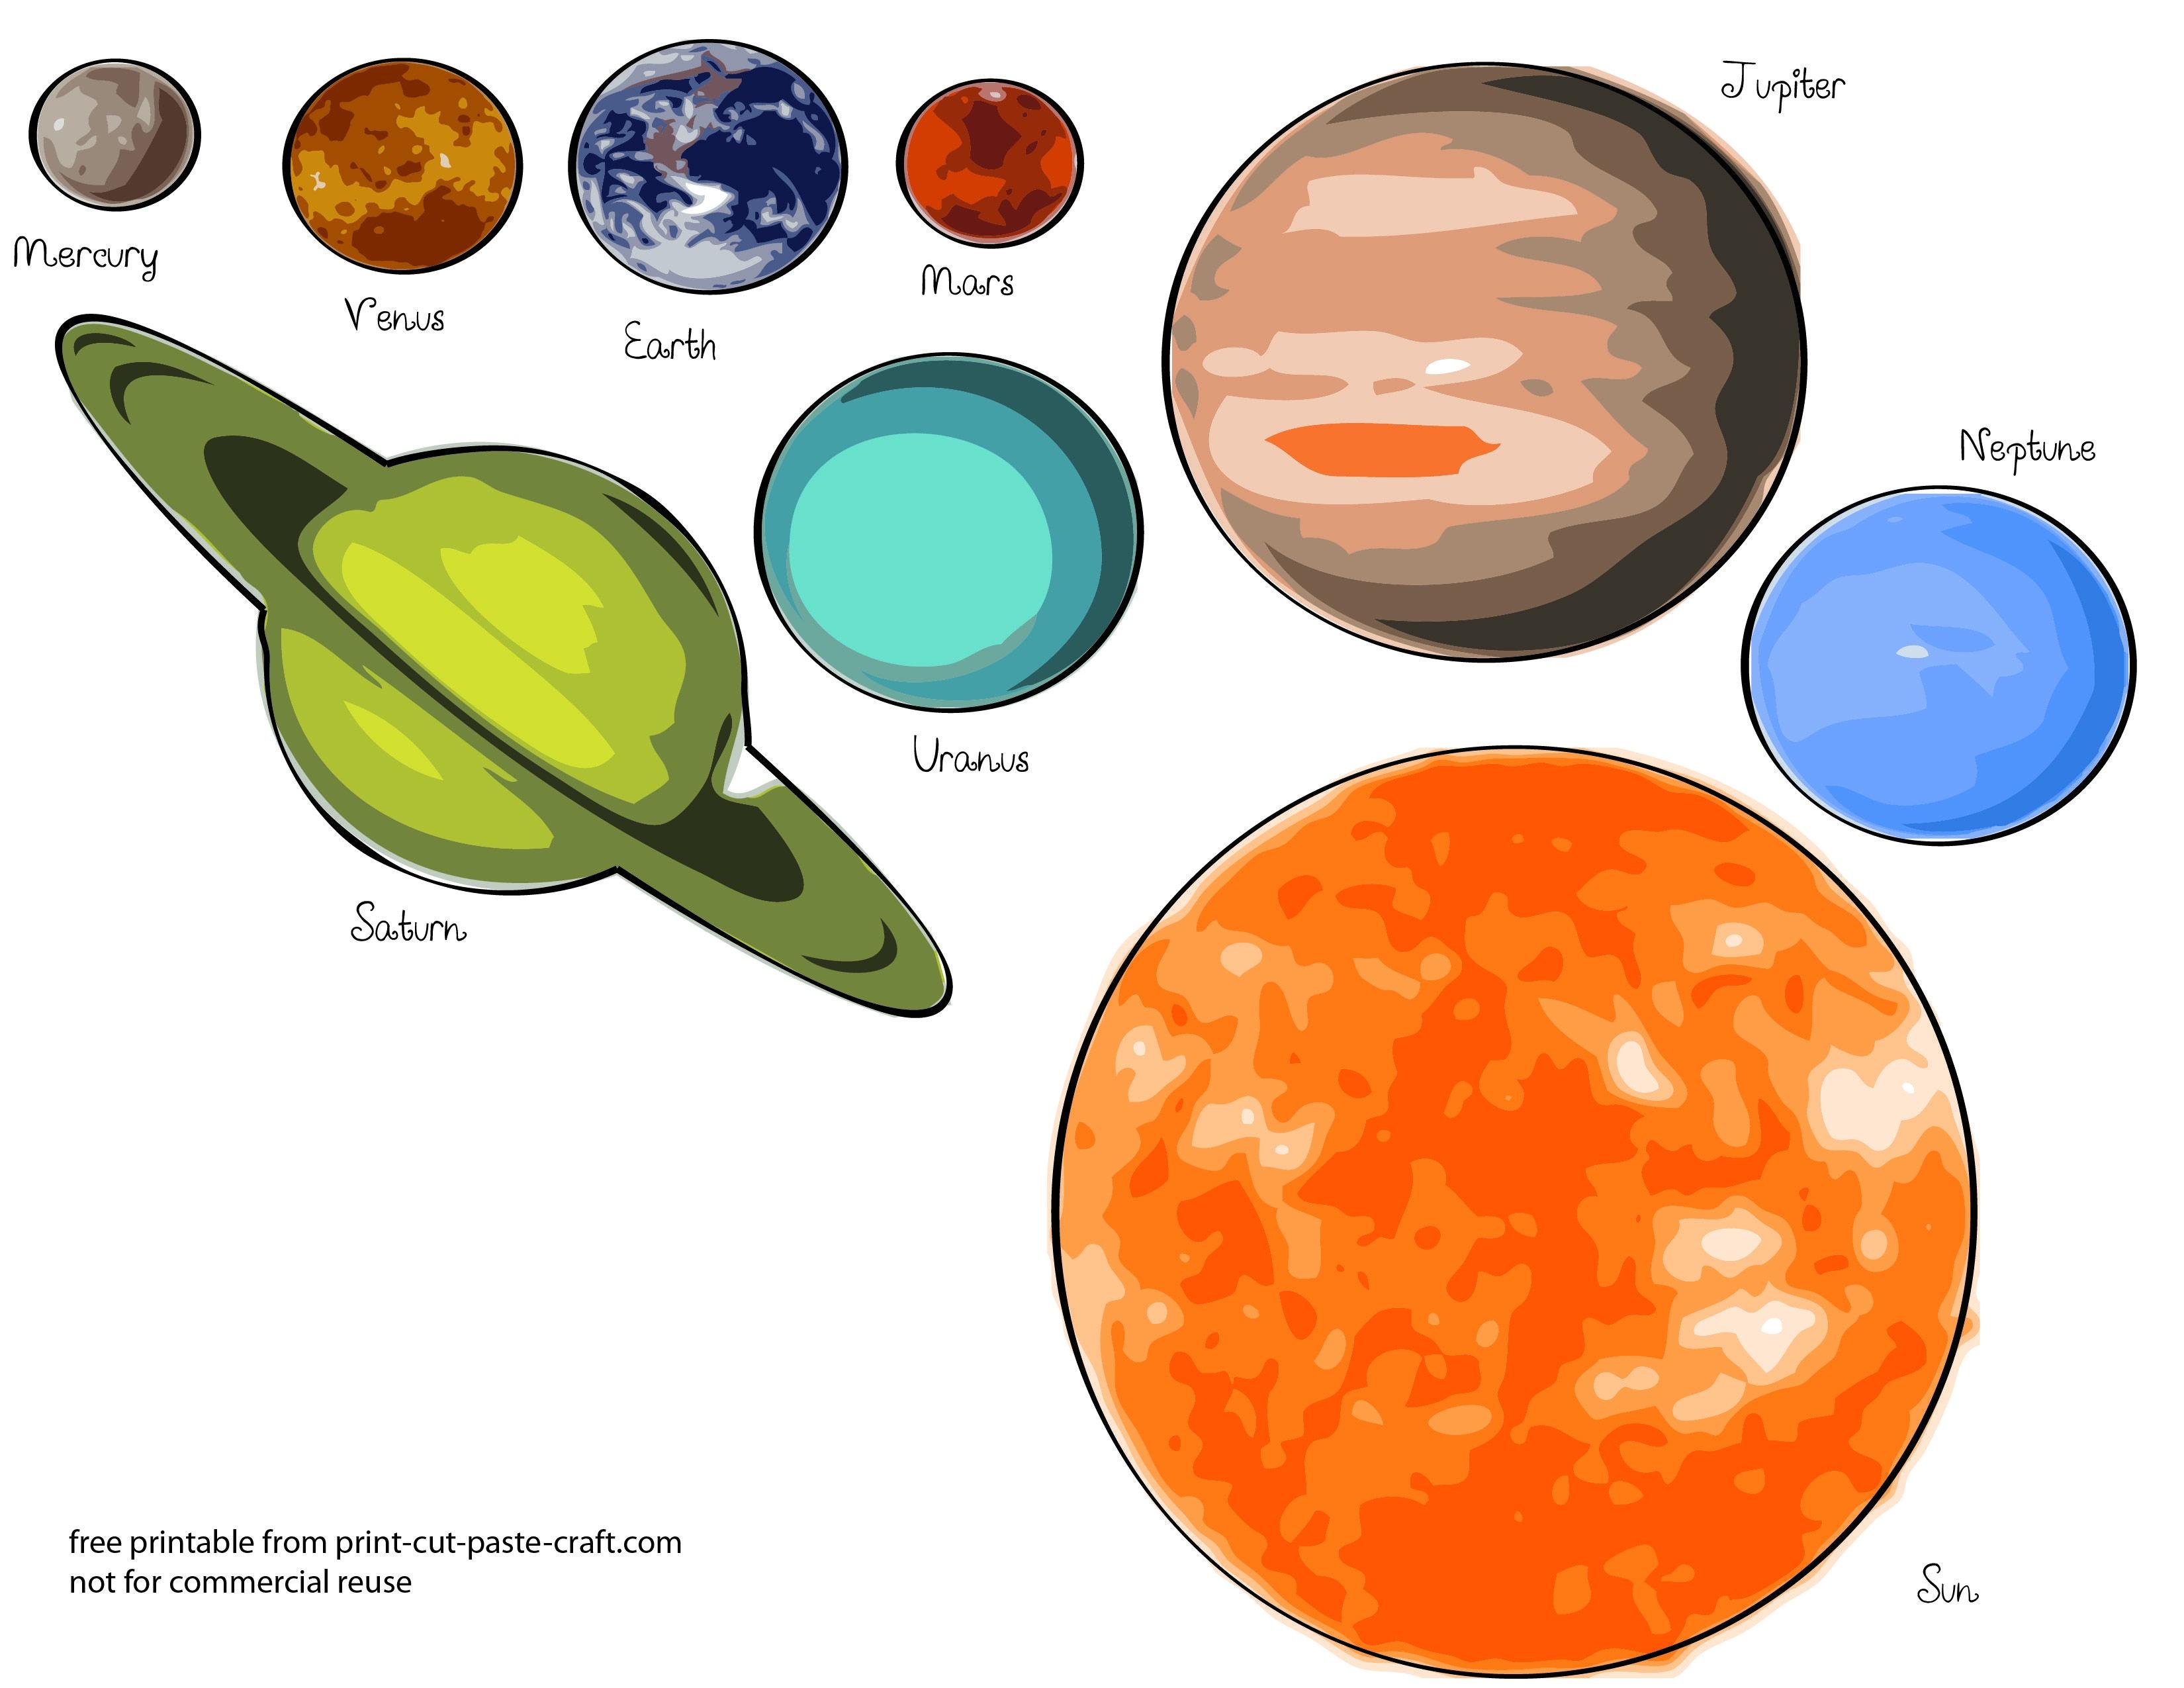 Free Printables Planets | Free Printable Solar System Model For Kids - Free Printable Solar System Flashcards